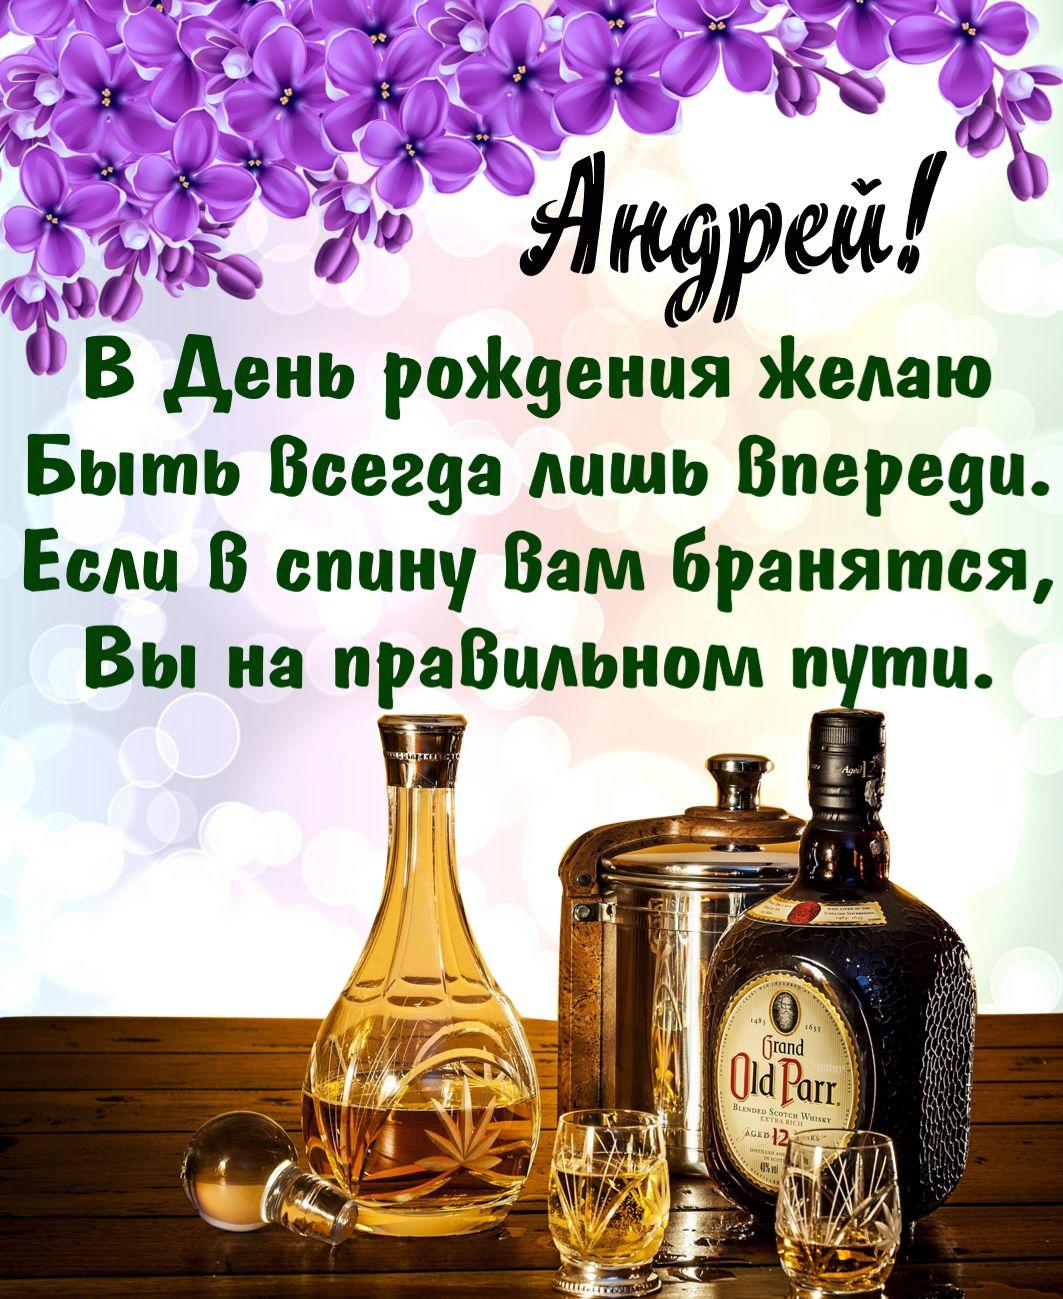 поздравления с днем рождения брату андрею мастер-классе даны